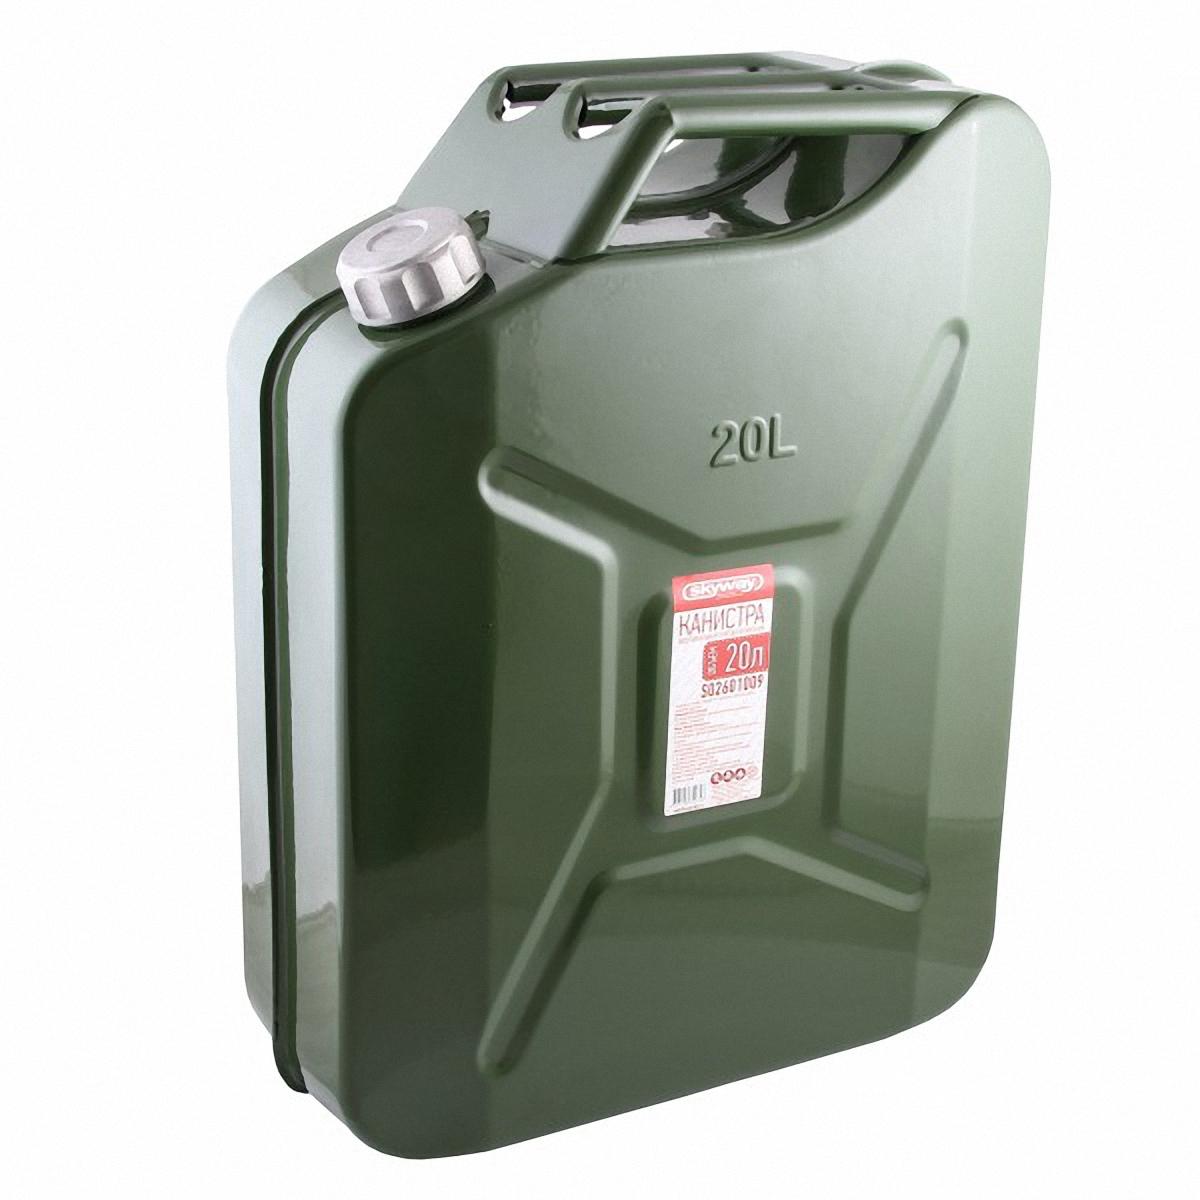 Skyway Канистра 20л.. S02601009S02601009Металлическая канистра предназначена для хранения жидкостей, в том числе топлива и топливных смесей. Изготовлена из стали холодного проката, что обеспечивает повышенную прочность. Внешняя поверхность оцинкована и окрашена. Внутреннее фосфатированное антикорозийное покрытие препятствует образованию ржавчины. Ребра жесткости на боковых поверхностях канистры придают ей прочность при механических воздействиях. Устойчивая конструкция канистры предотвращает ее перемещение в багажнике при интенсивном движении, снижая уровень нежелательного шума. Три рукоятки позволяют нести канистру как одному, так и вдвоем. Форма профиля резьбы предохраняет содержимое от протекания. Специализированная форма носика исключает проливание жидкости. В комплет канистры входит трубка-лейка, что позволяет наполнить любую неудобно расположенную емкость.